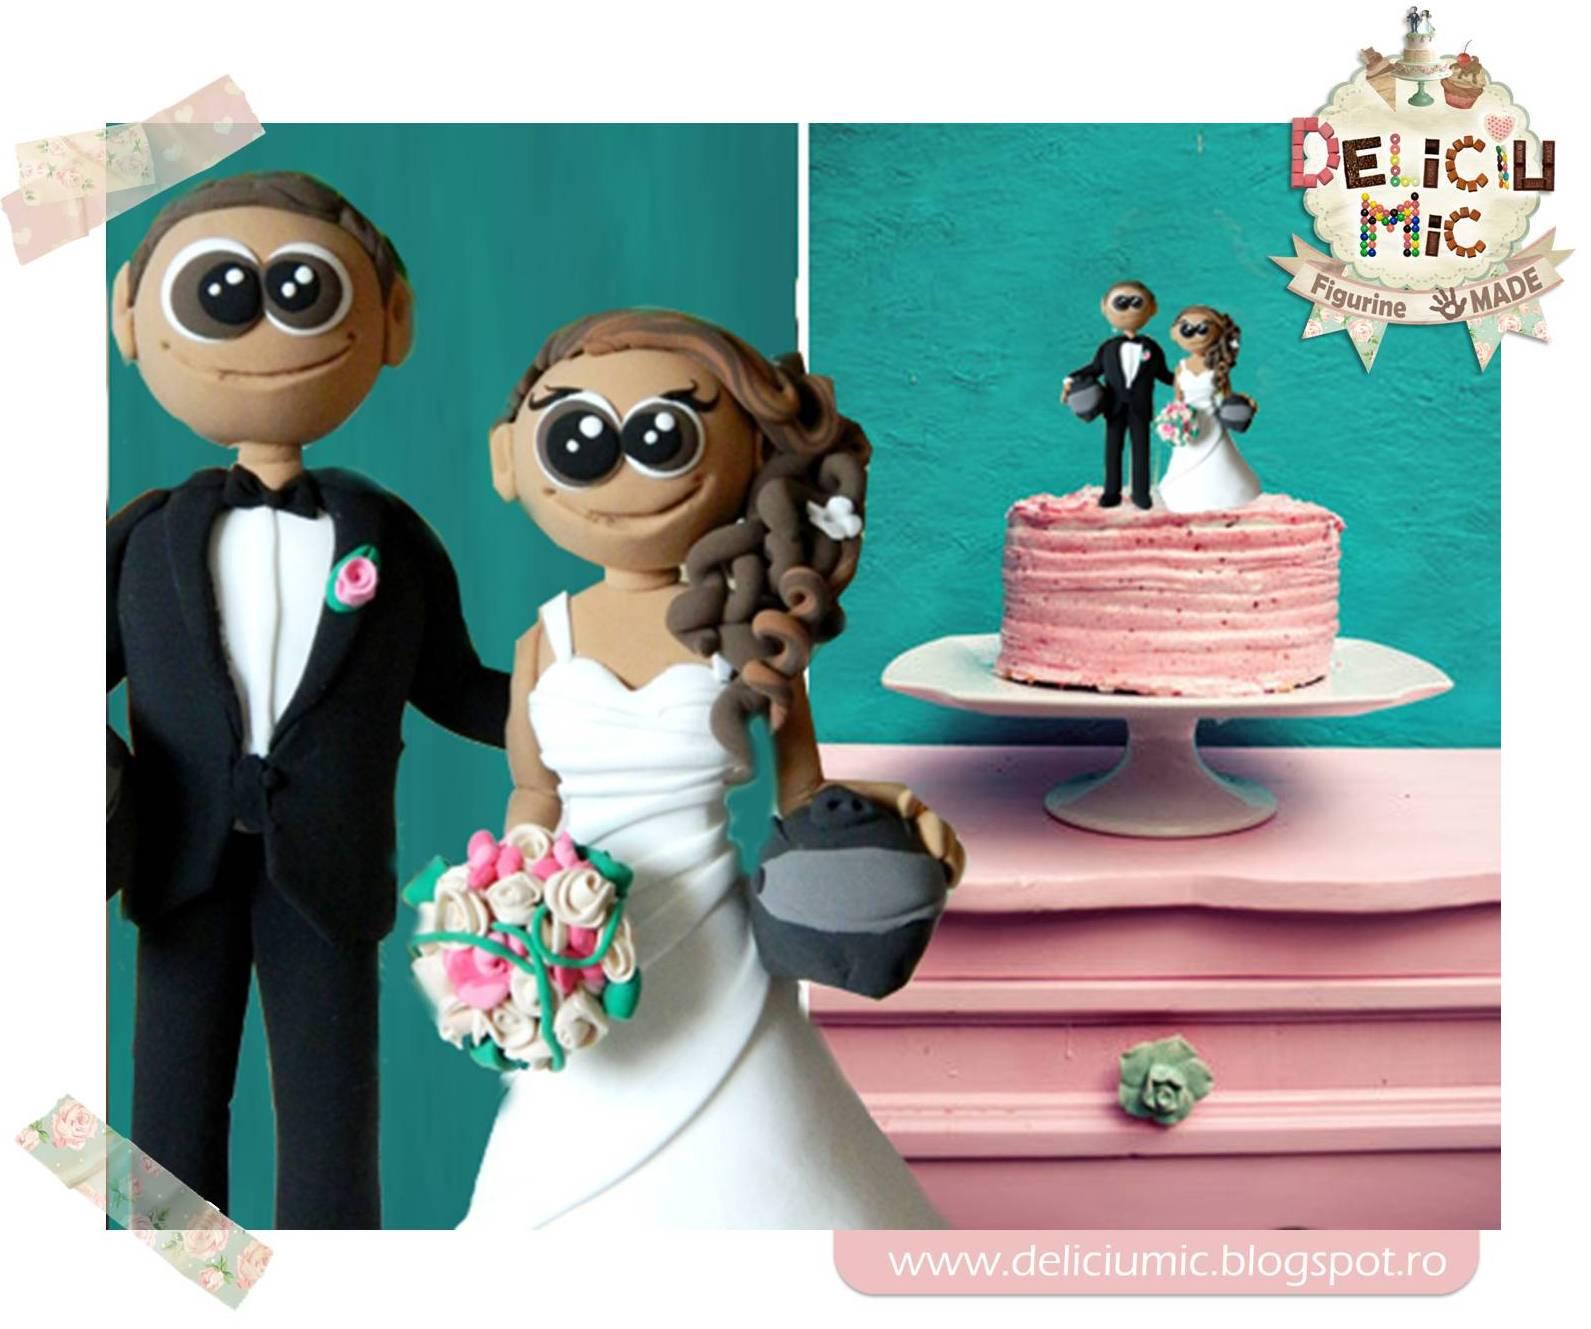 Figurine de tort nunta – Mire si Mireasa cu Casti demotor